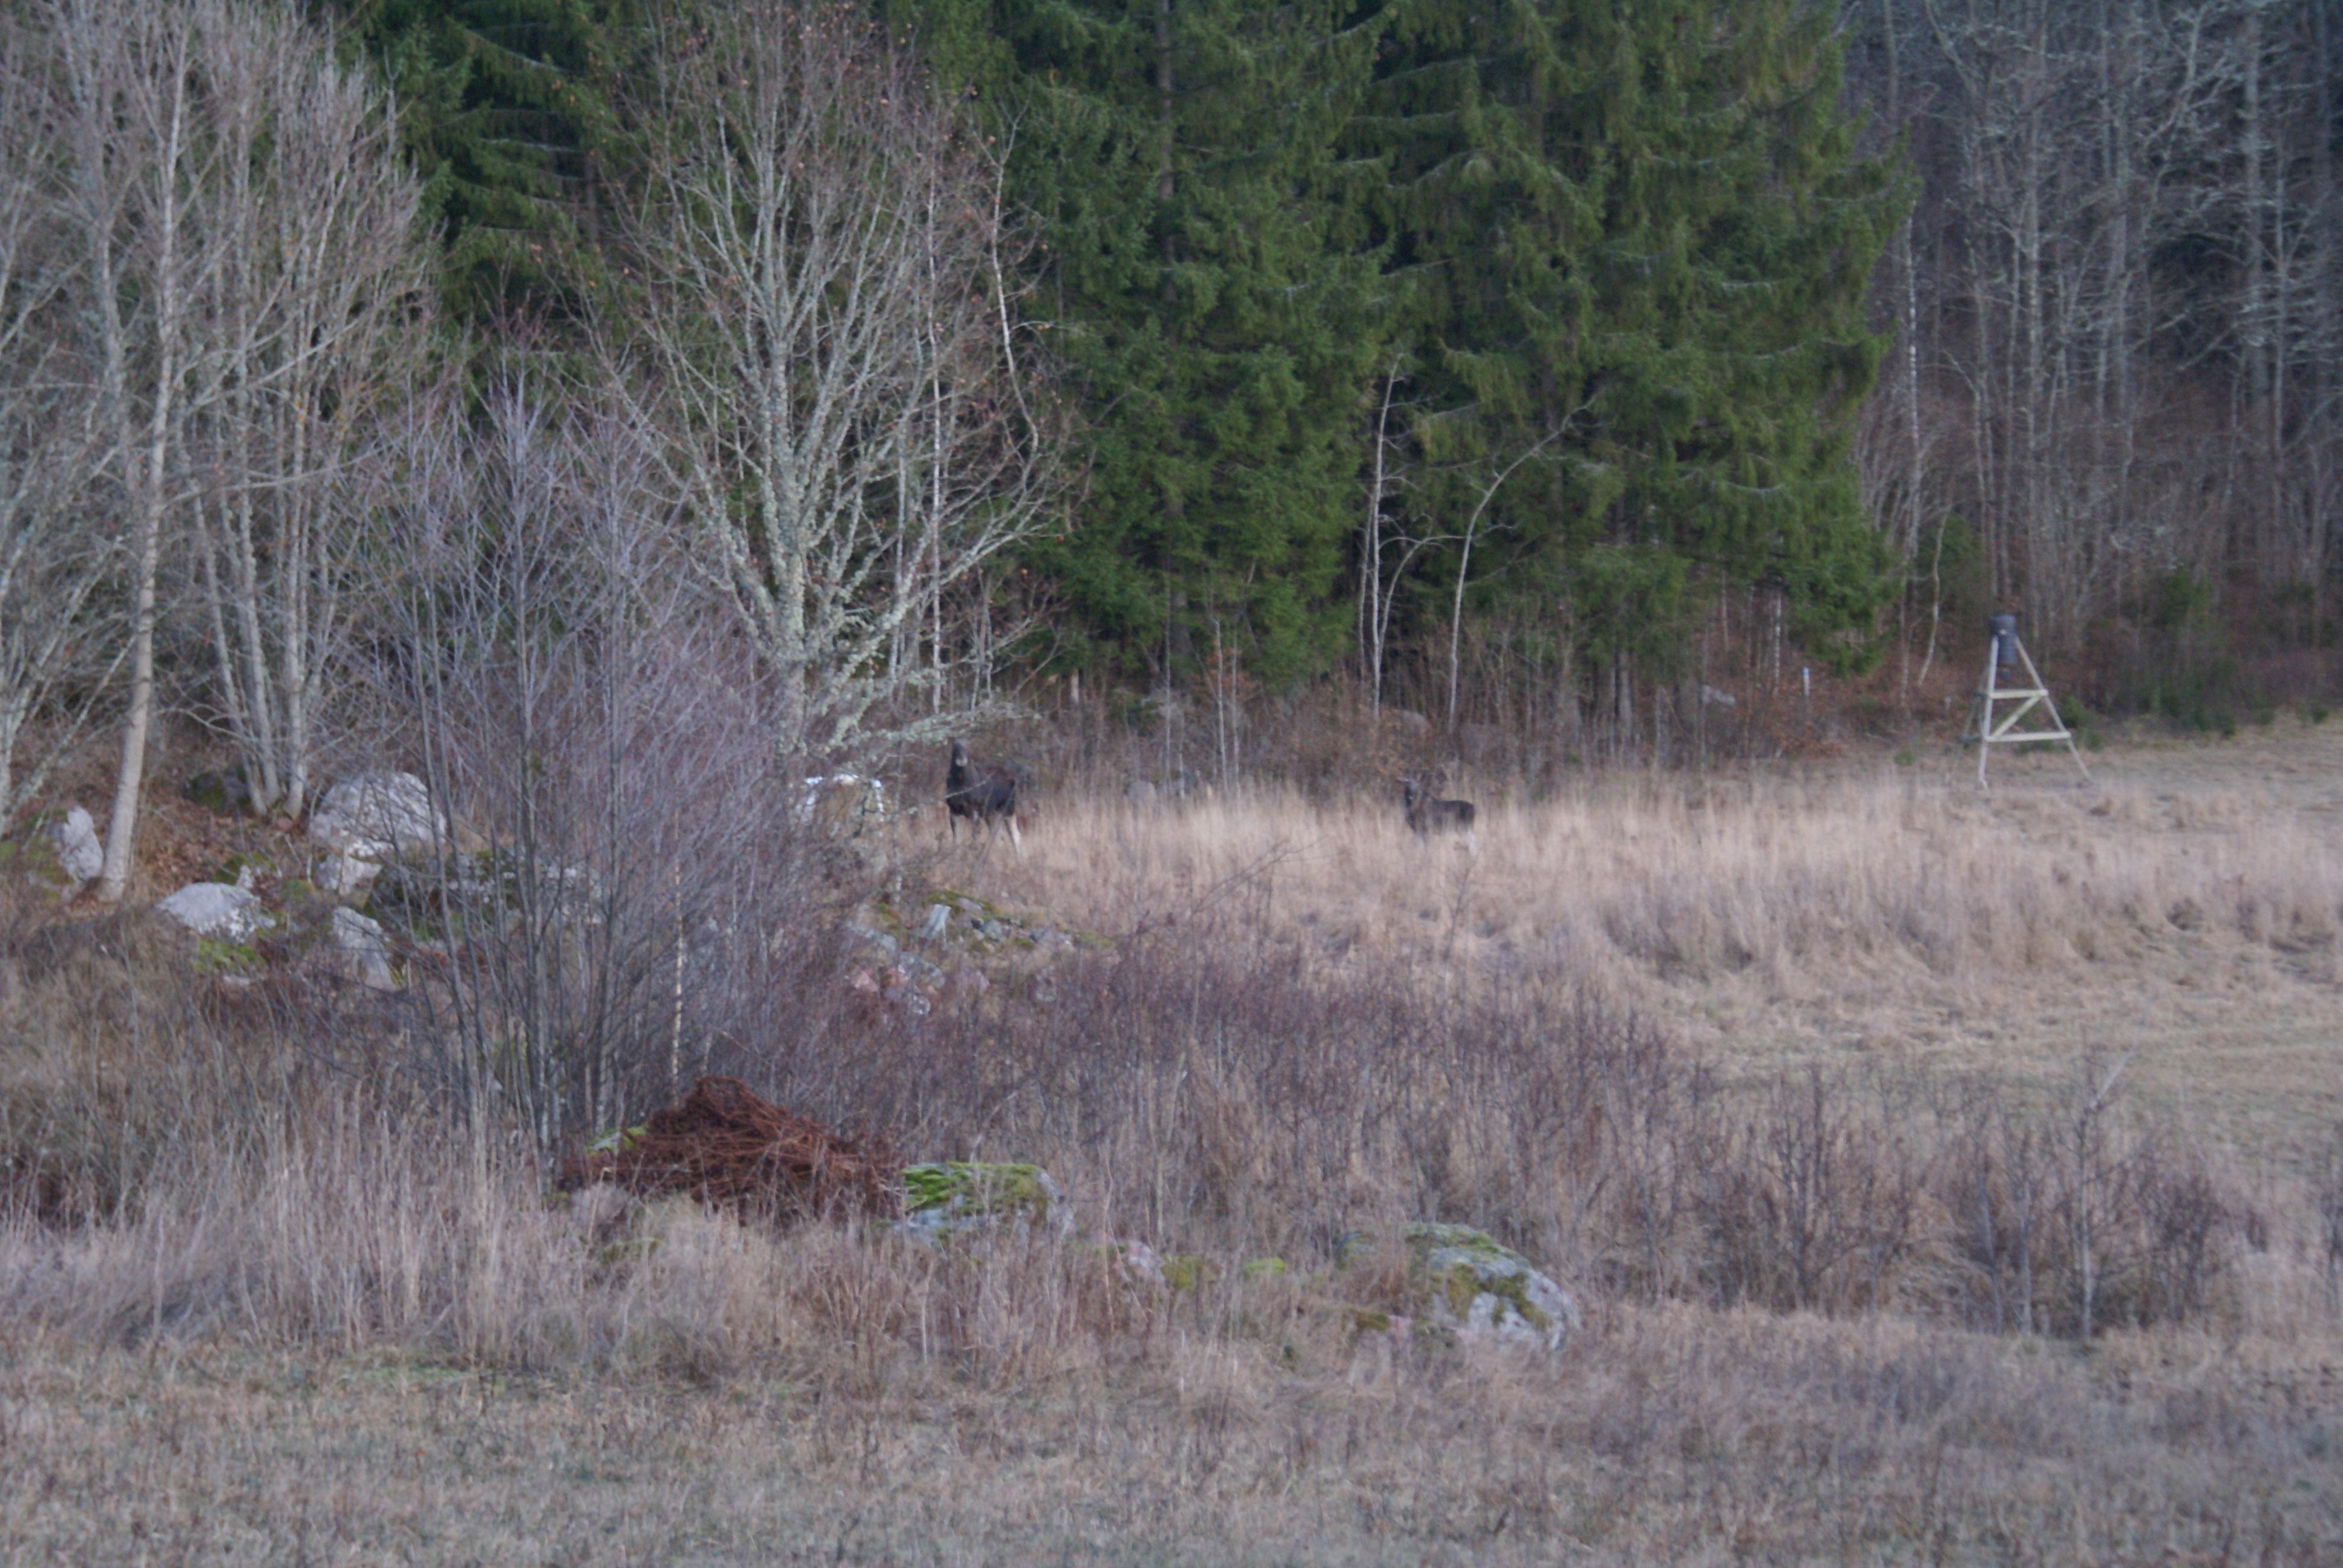 jakt i sverige